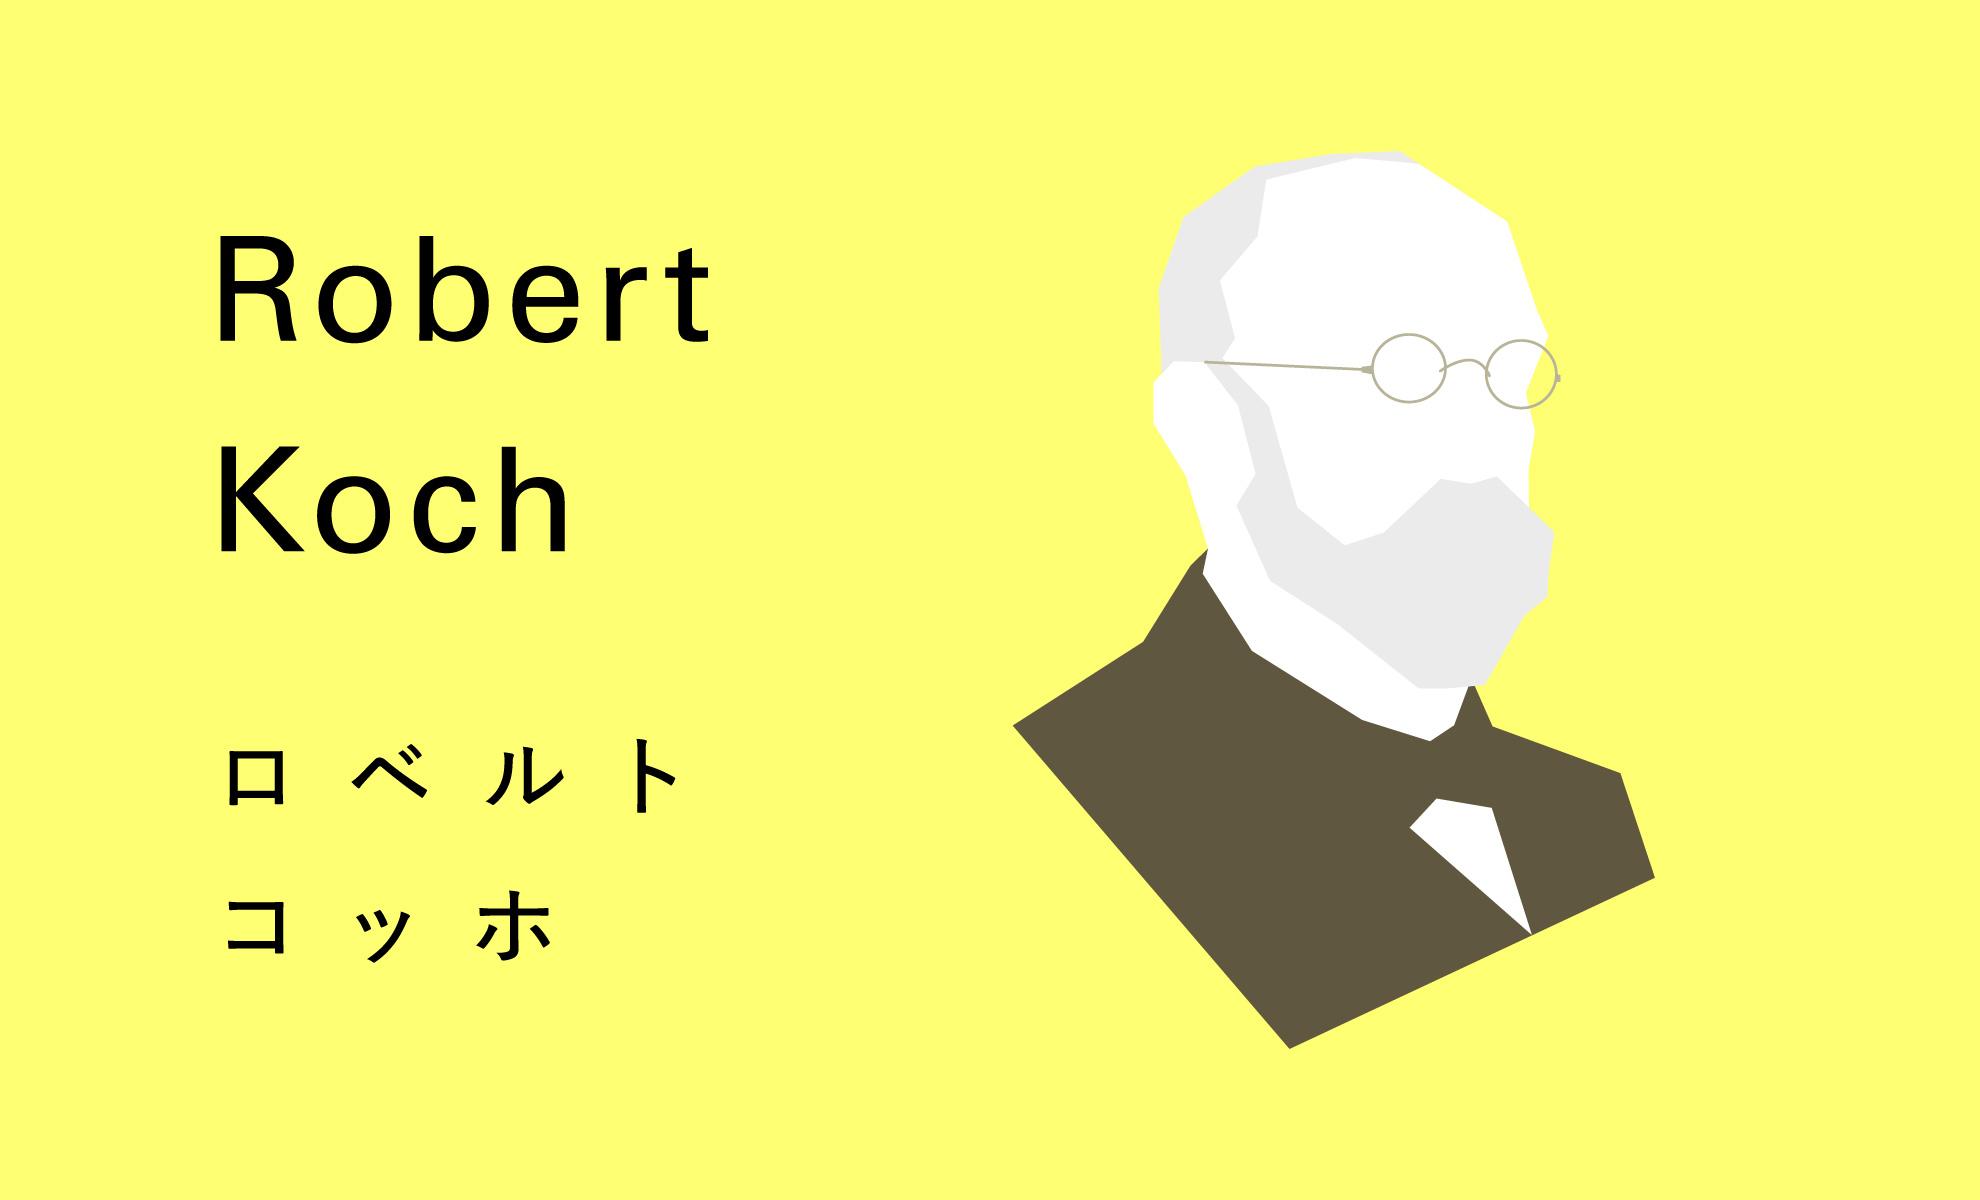 ロベルト・コッホの画像